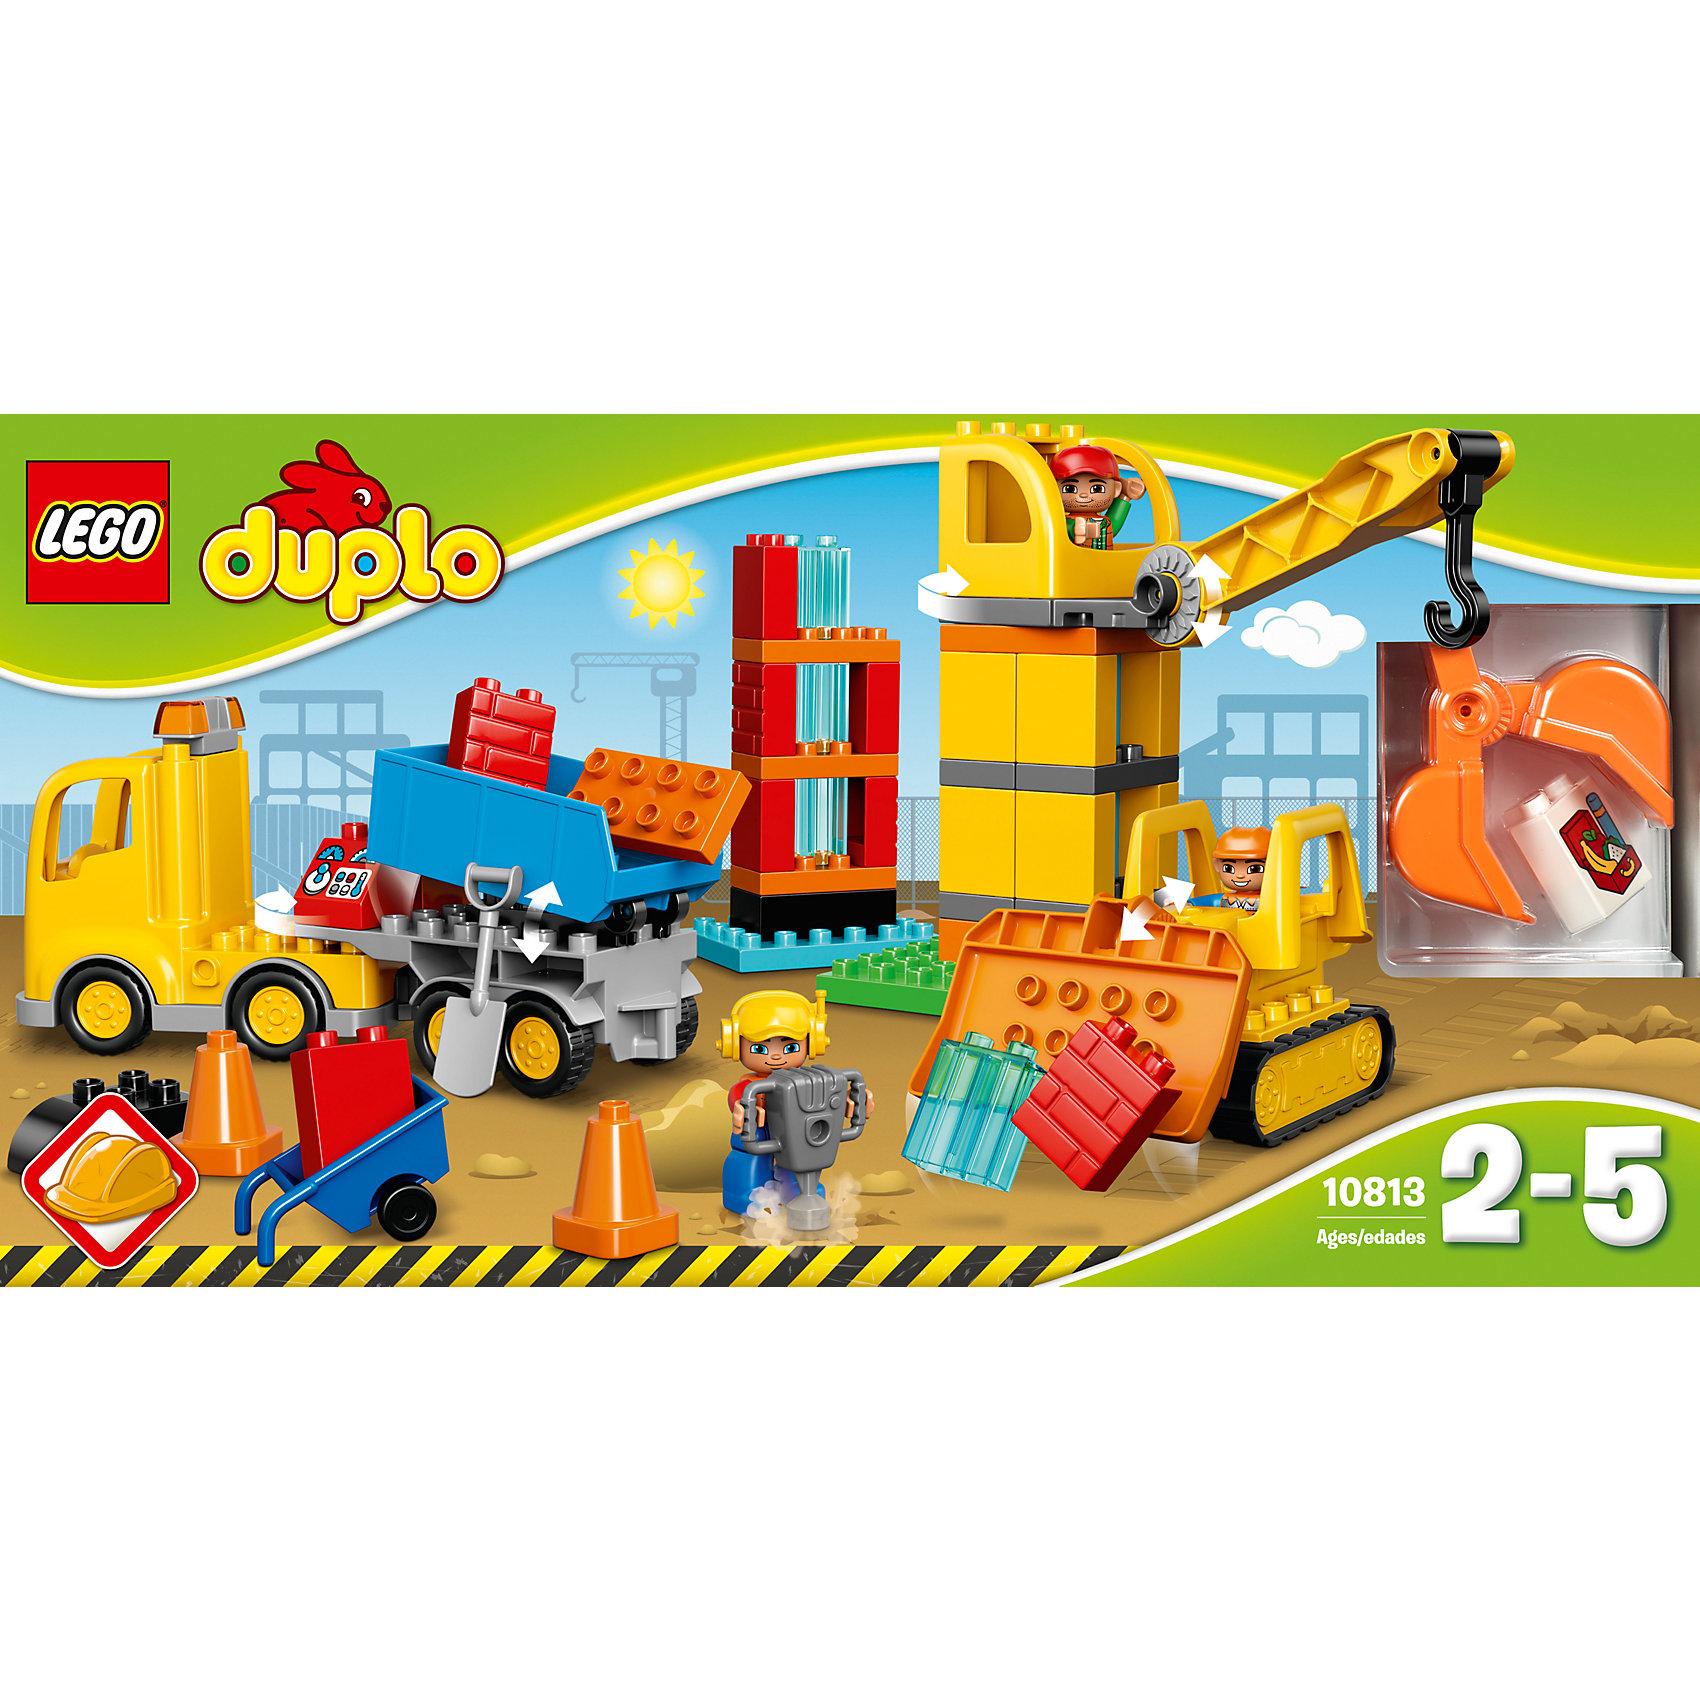 LEGO DUPLO 10813: Большая стройплощадкаПластмассовые конструкторы<br>Наборы LEGO DUPLO созданы специально для малышей. Разнообразную технику и  конструкторы обожает множество современных мальчишек, поэтому этот набор LEGO DUPLO обязательно порадует ребенка. Такие игрушки помогают детям развивать воображение, мелкую моторику, логику и творческое мышление.<br>Набор состоит из простых в сборке строительных машин, крупных деталей - антуража стройплощадки и фигурок людей! С таким комплектом можно придумать множество игр!<br><br>Дополнительная информация:<br><br>цвет: разноцветный;<br>размер коробки: 54 х 12 х 28 см;<br>вес: 1429 г;<br>материал: пластик;<br>количество деталей: 67.<br><br>Набор Большая стройплощадка от бренда LEGO DUPLO можно купить в нашем магазине.<br><br>Ширина мм: 544<br>Глубина мм: 278<br>Высота мм: 125<br>Вес г: 1449<br>Возраст от месяцев: 24<br>Возраст до месяцев: 60<br>Пол: Мужской<br>Возраст: Детский<br>SKU: 4641260